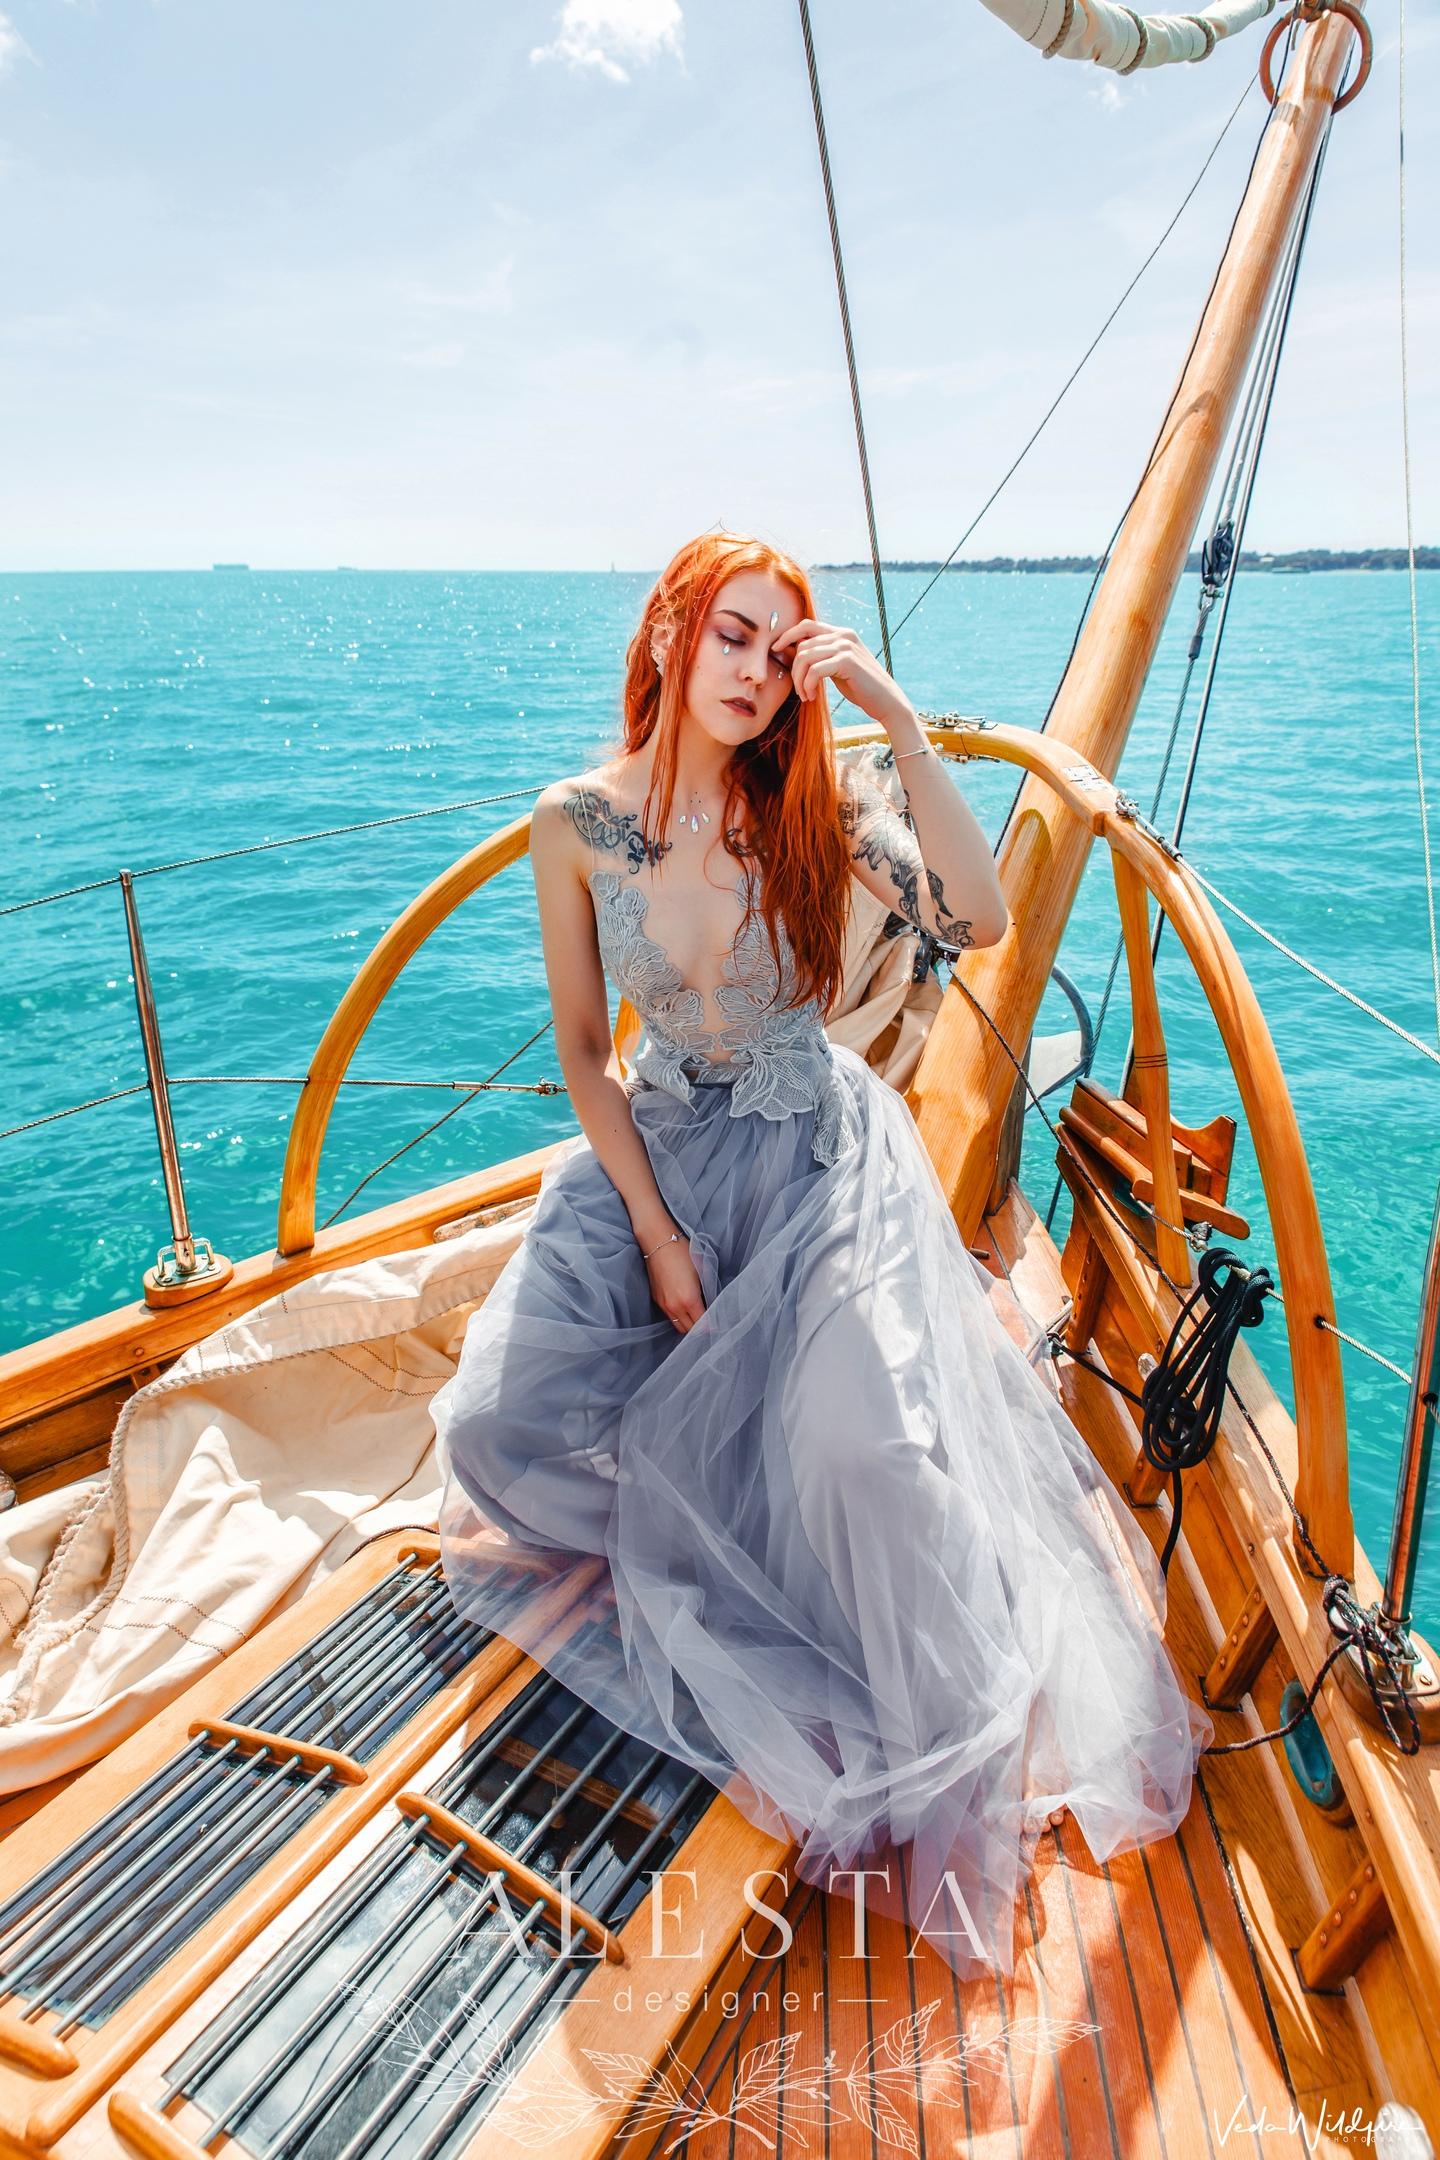 То самое платье, которое проделало путь от моей мастерской до Англии,  затем вернулось в Уфу и было продано в город Тольятти.